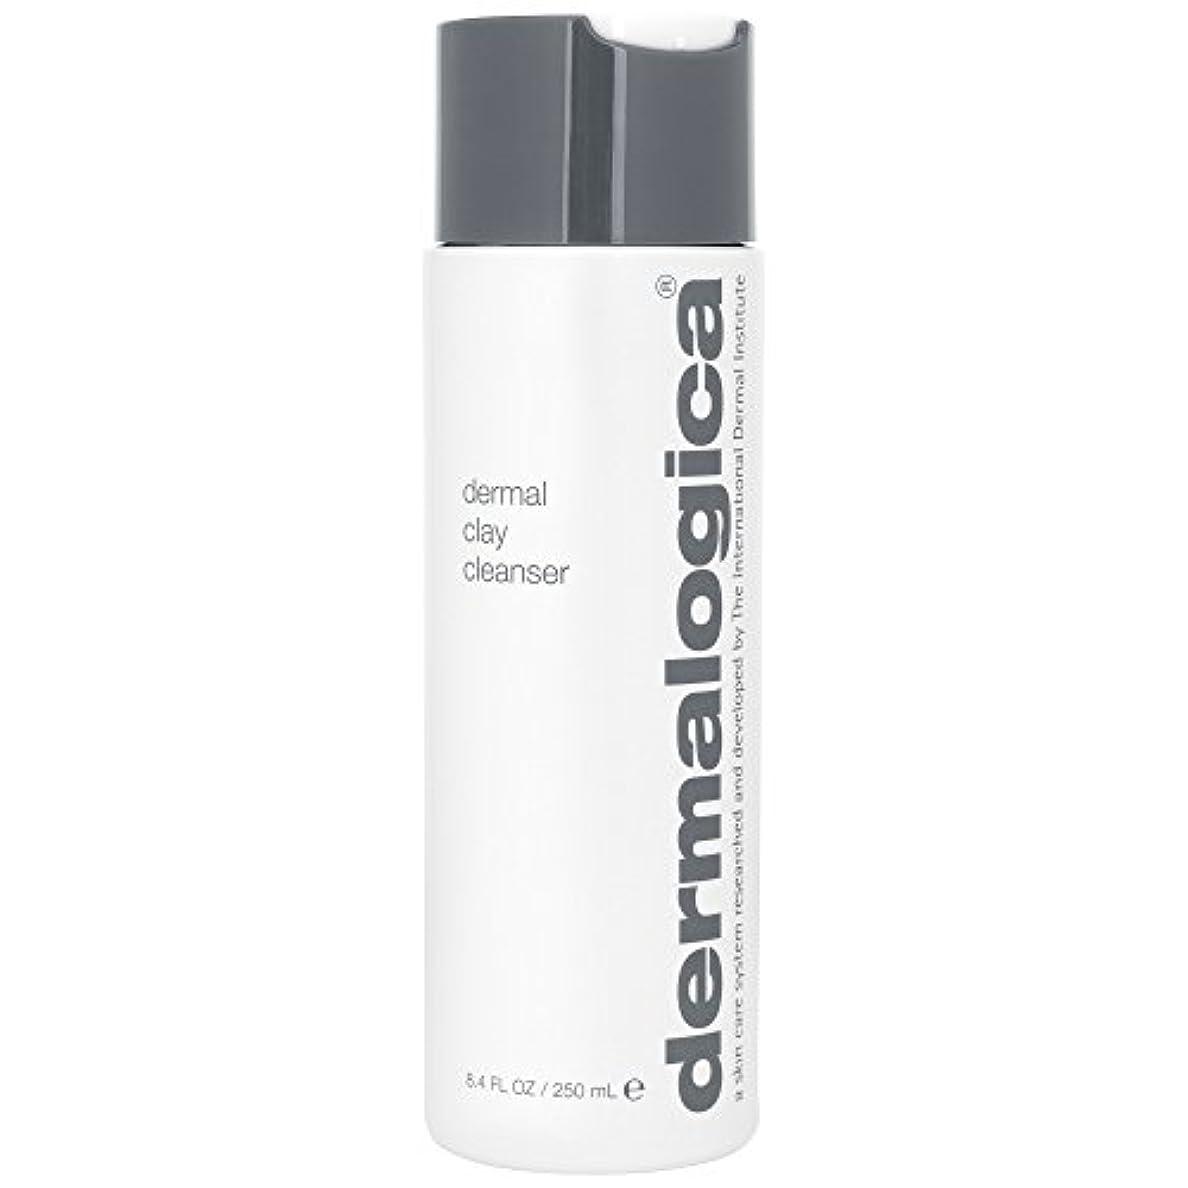 批評初期の土砂降りダーマロジカ真皮クレイクレンザー250ミリリットル (Dermalogica) (x6) - Dermalogica Dermal Clay Cleanser 250ml (Pack of 6) [並行輸入品]